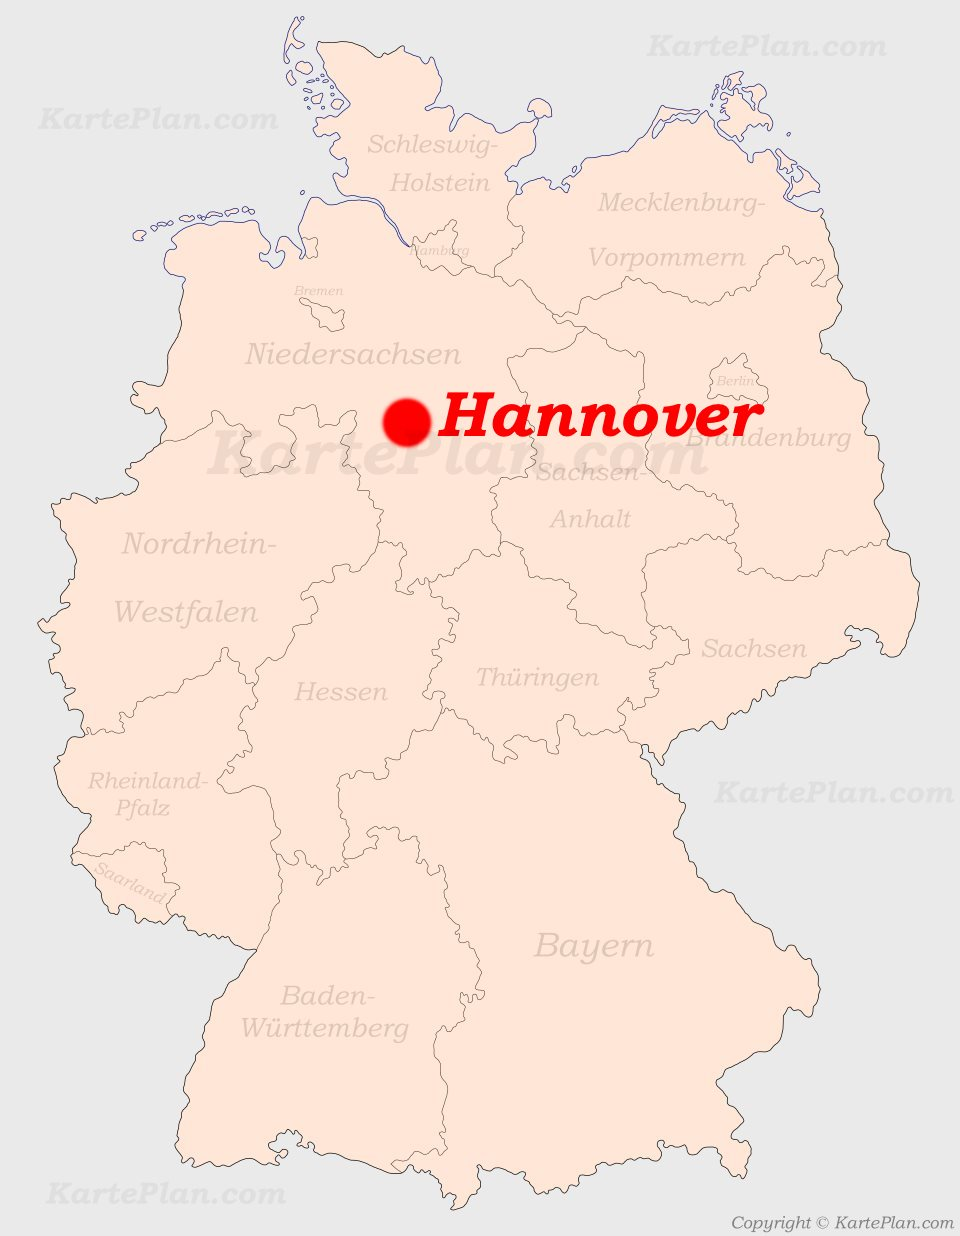 hannover karte deutschland Hannover auf der Deutschlandkarte